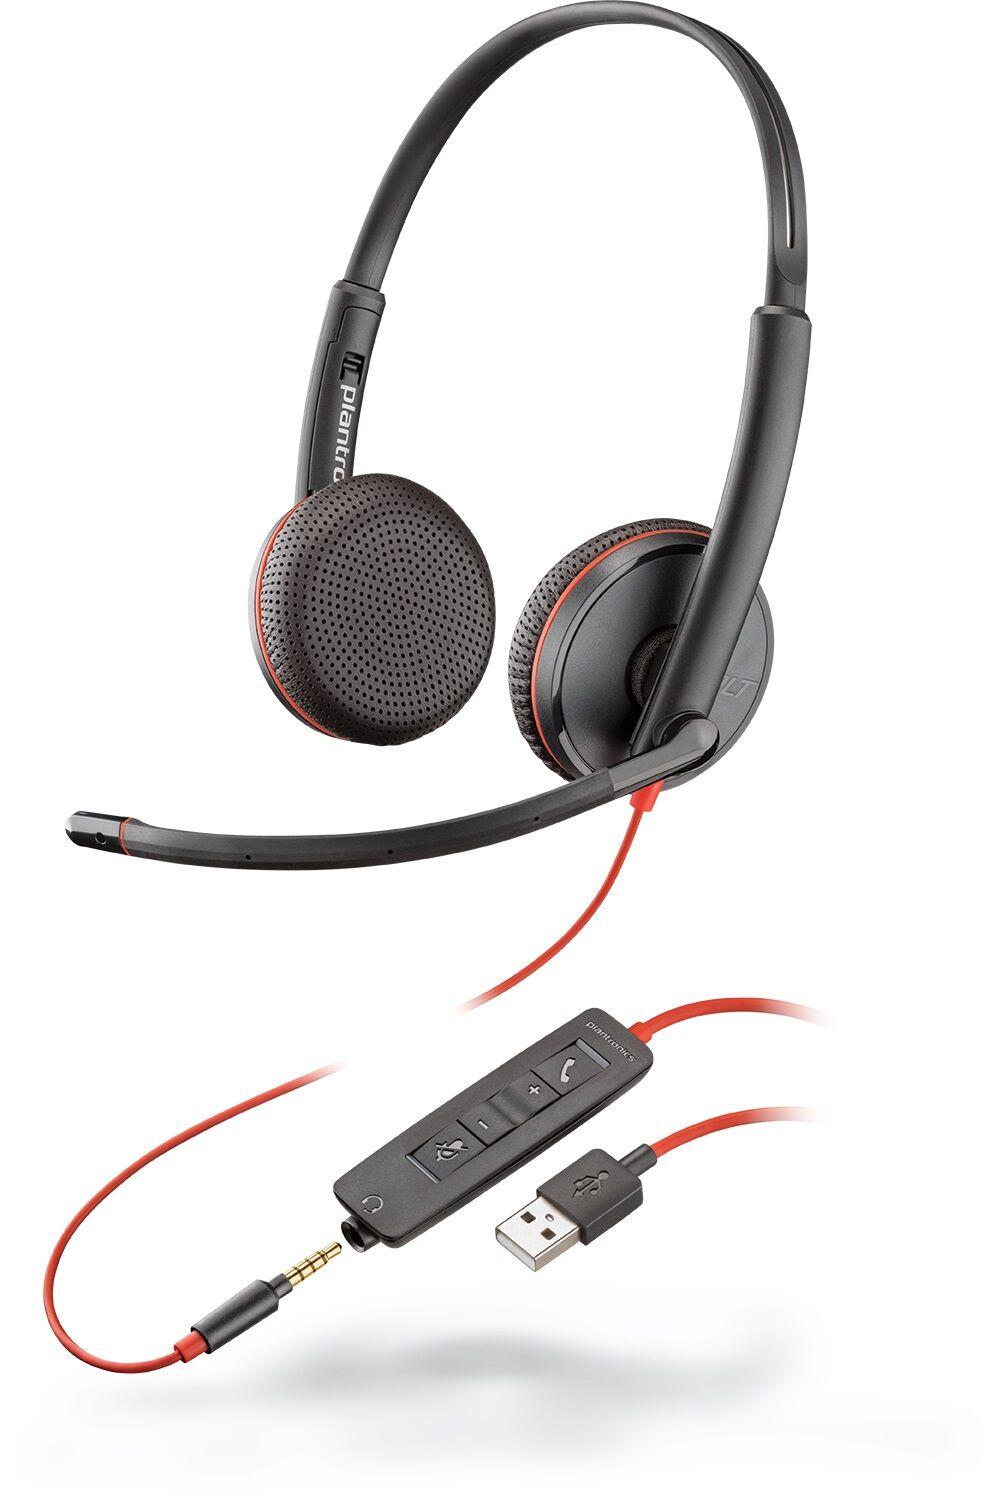 Plantronics Blackwire 3225 USB-A Zestaw nagłowny na dwoje uszu ze złączem jack 3,5mm oraz adapterem USB